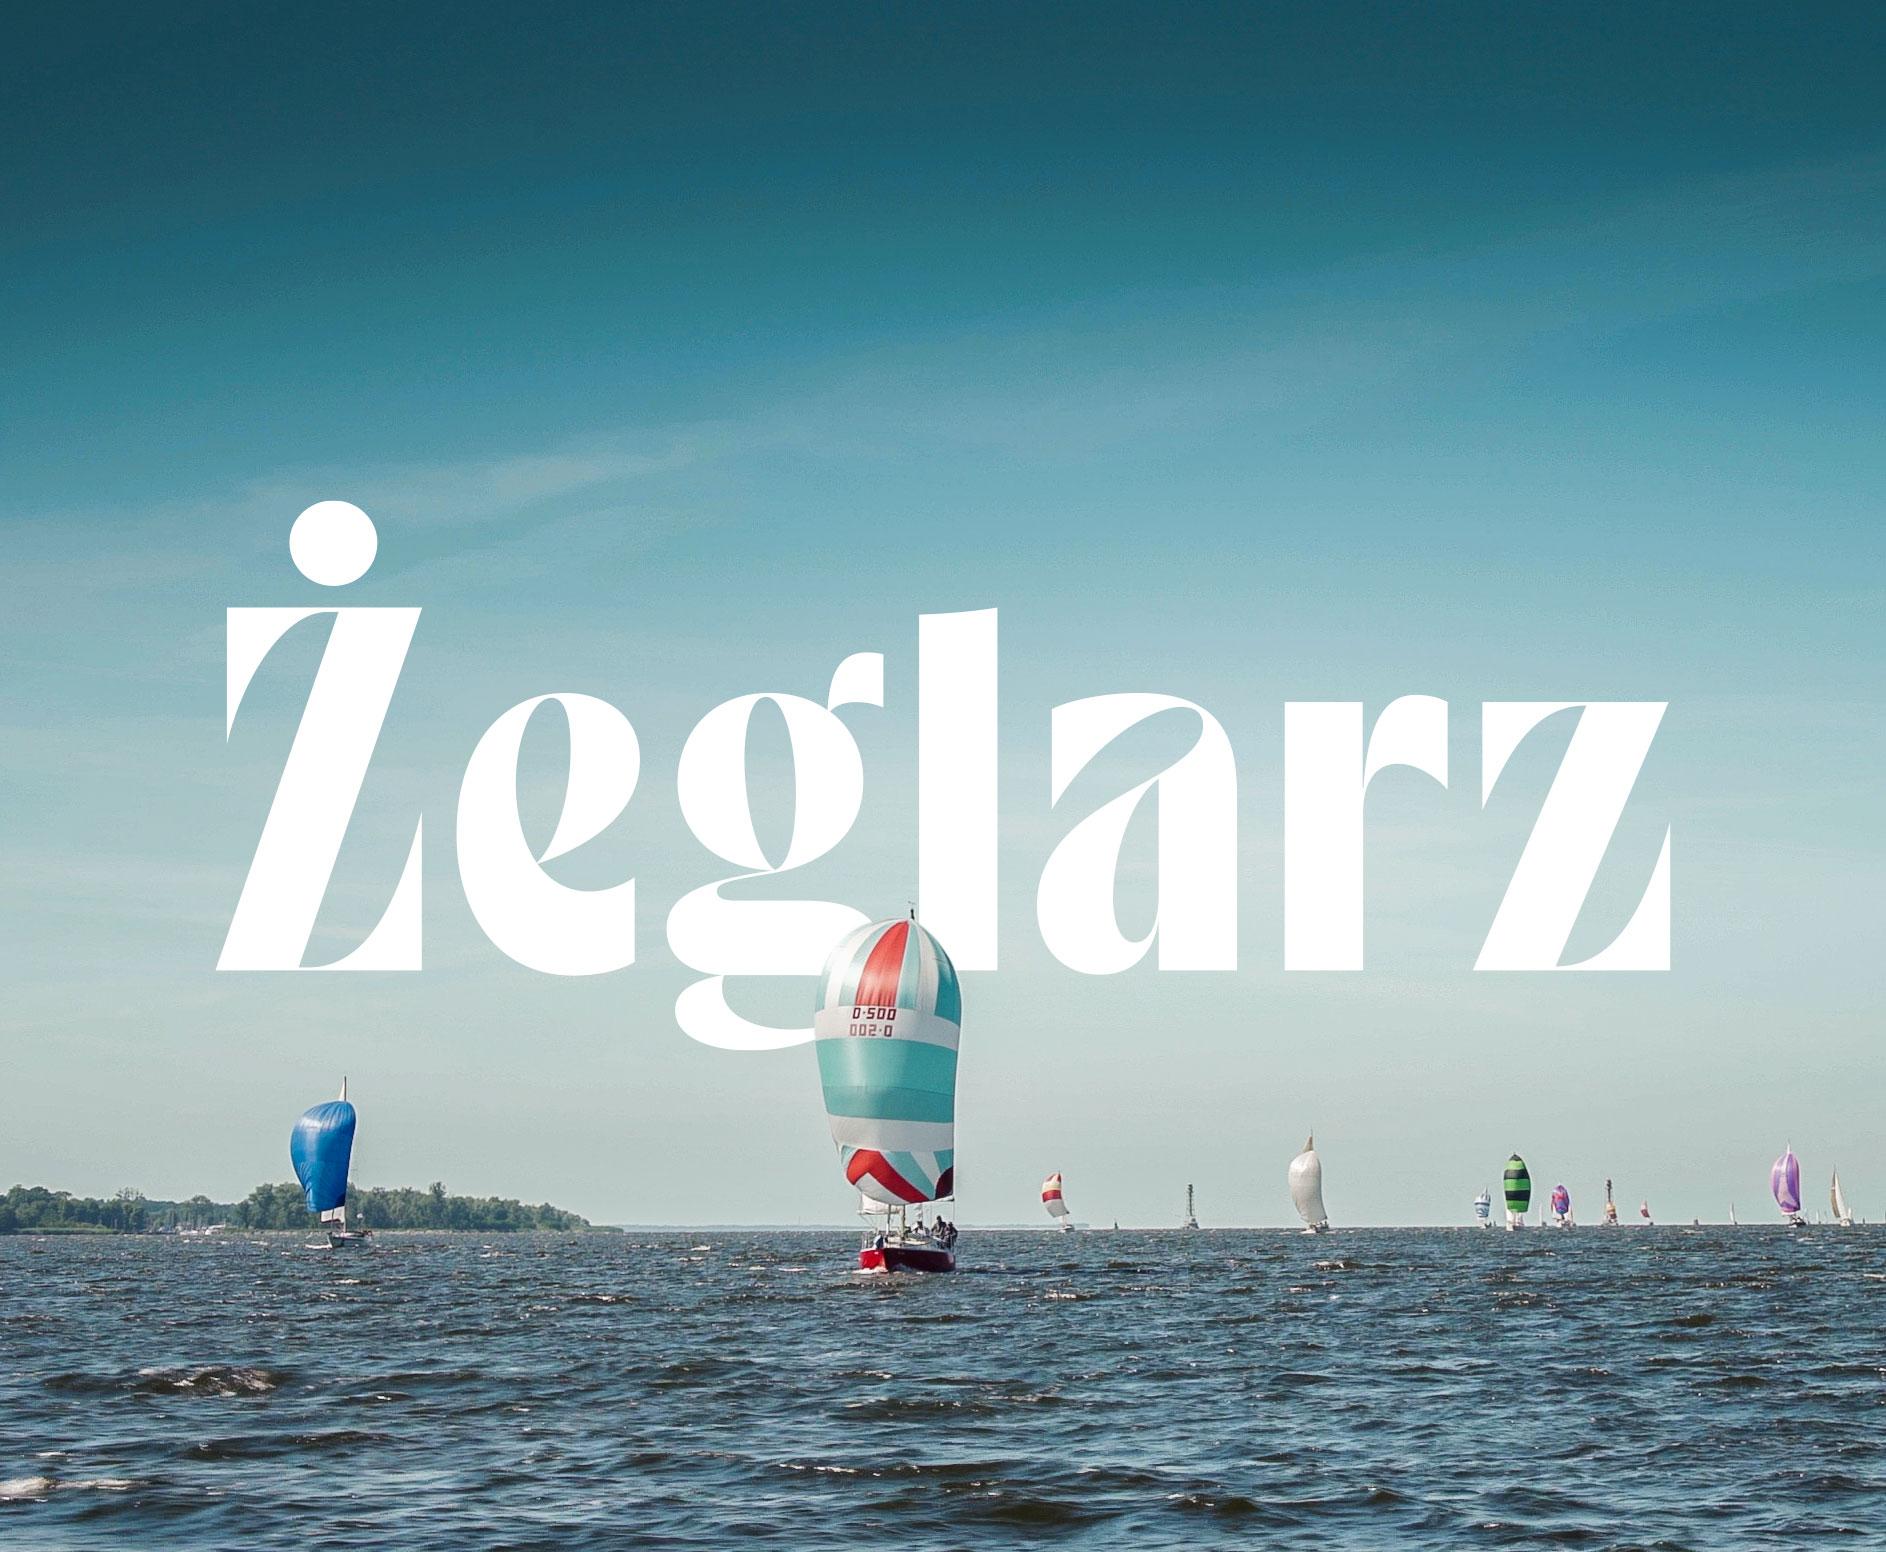 Żeglarz. Zapowiedź nowego kanału żeglarskiego na platformie YouTube.